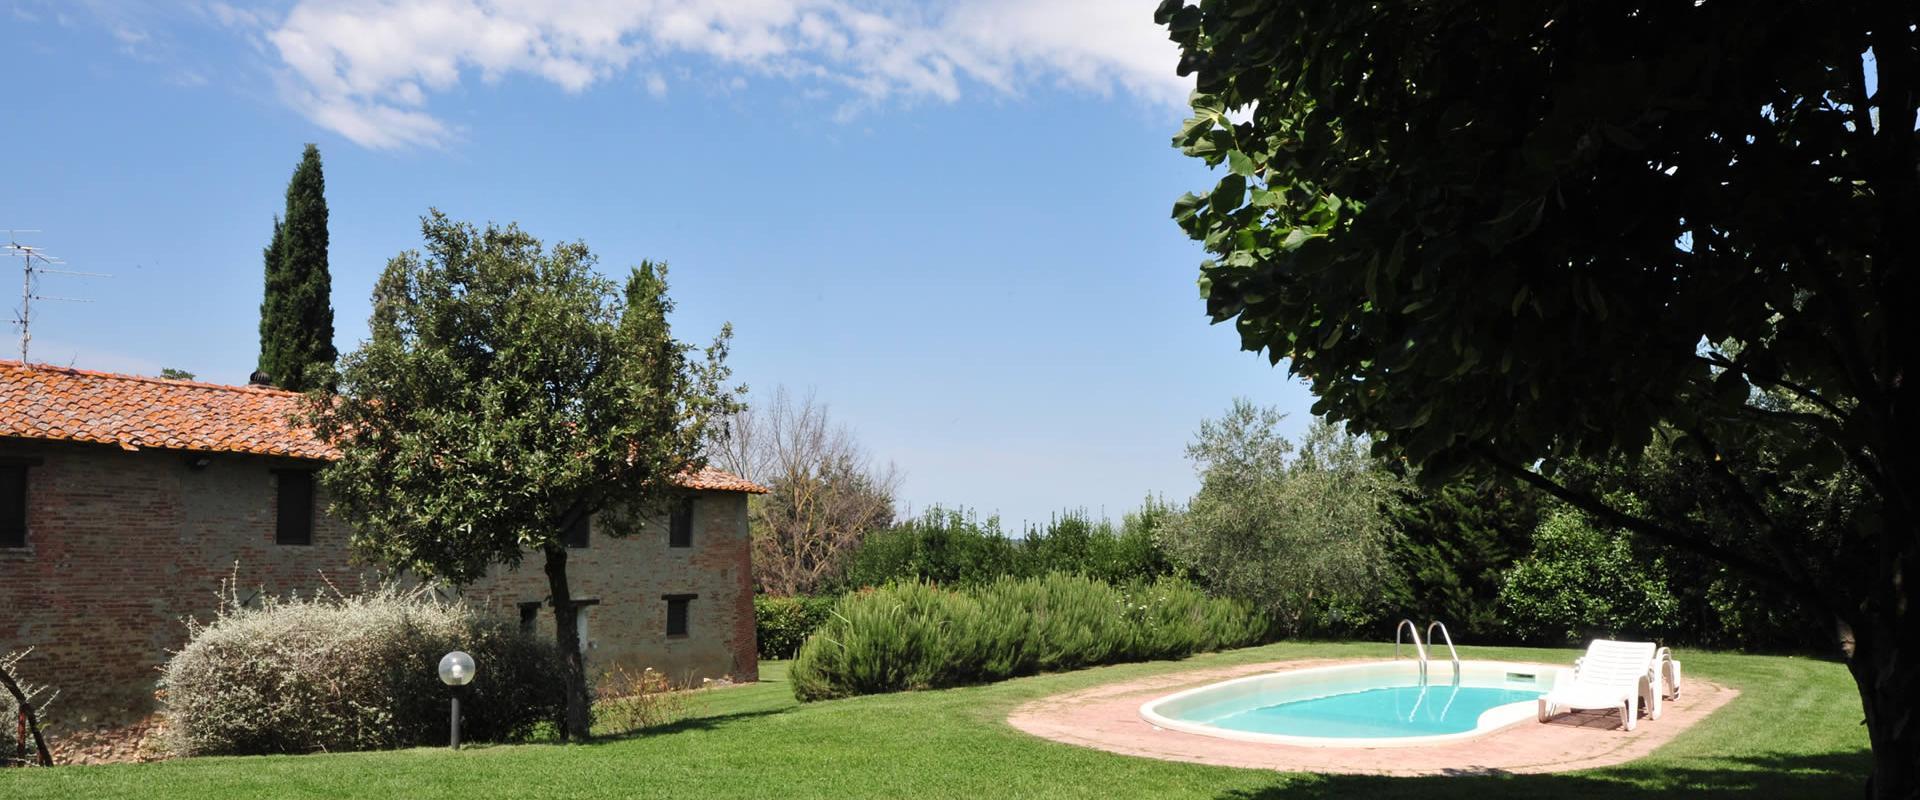 Holiday House Borgo Badia